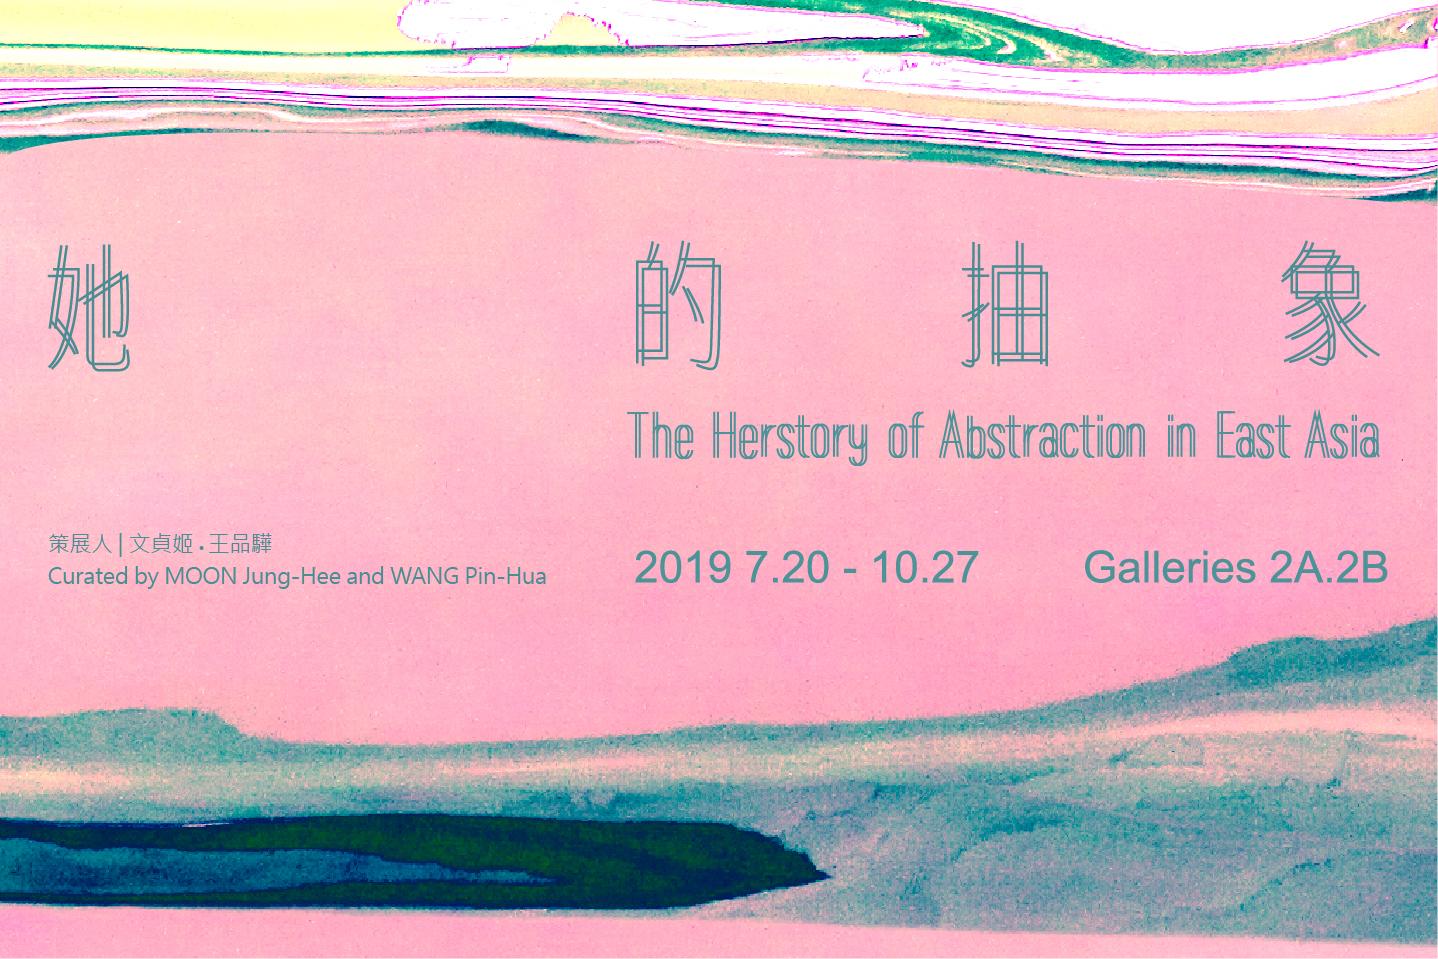 臺北市立美術館:2019/07/20/-2019/10/27【她的抽象】